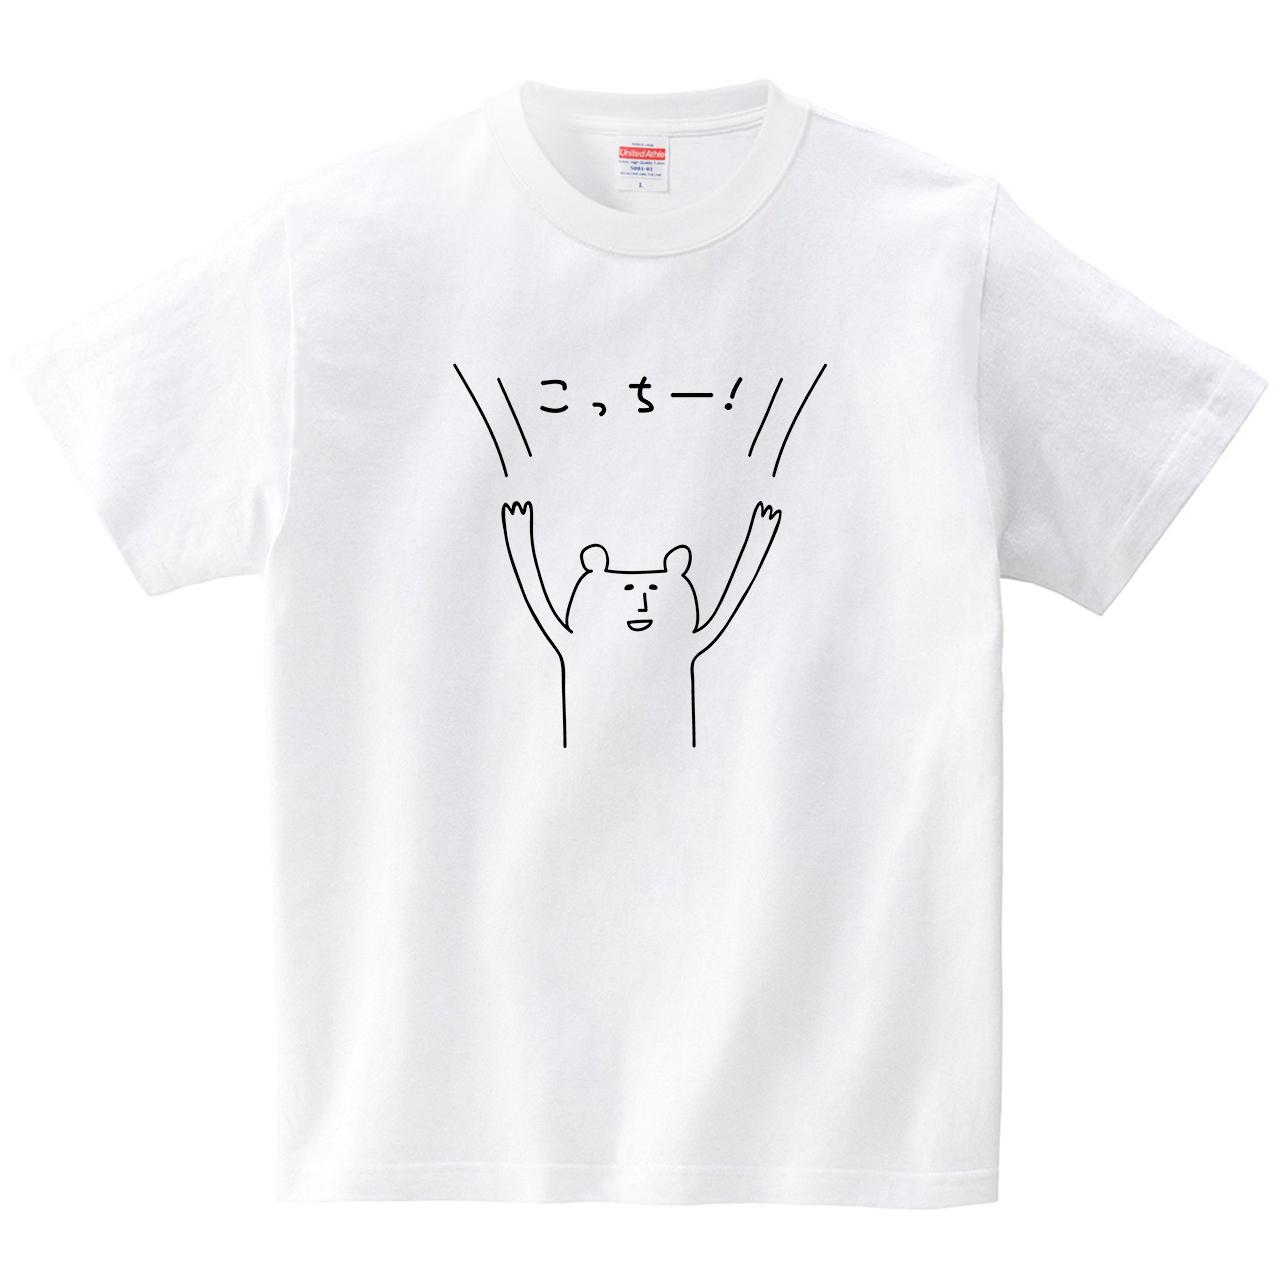 クマが迎えてくれる(Tシャツ・ホワイト)(オワリ)